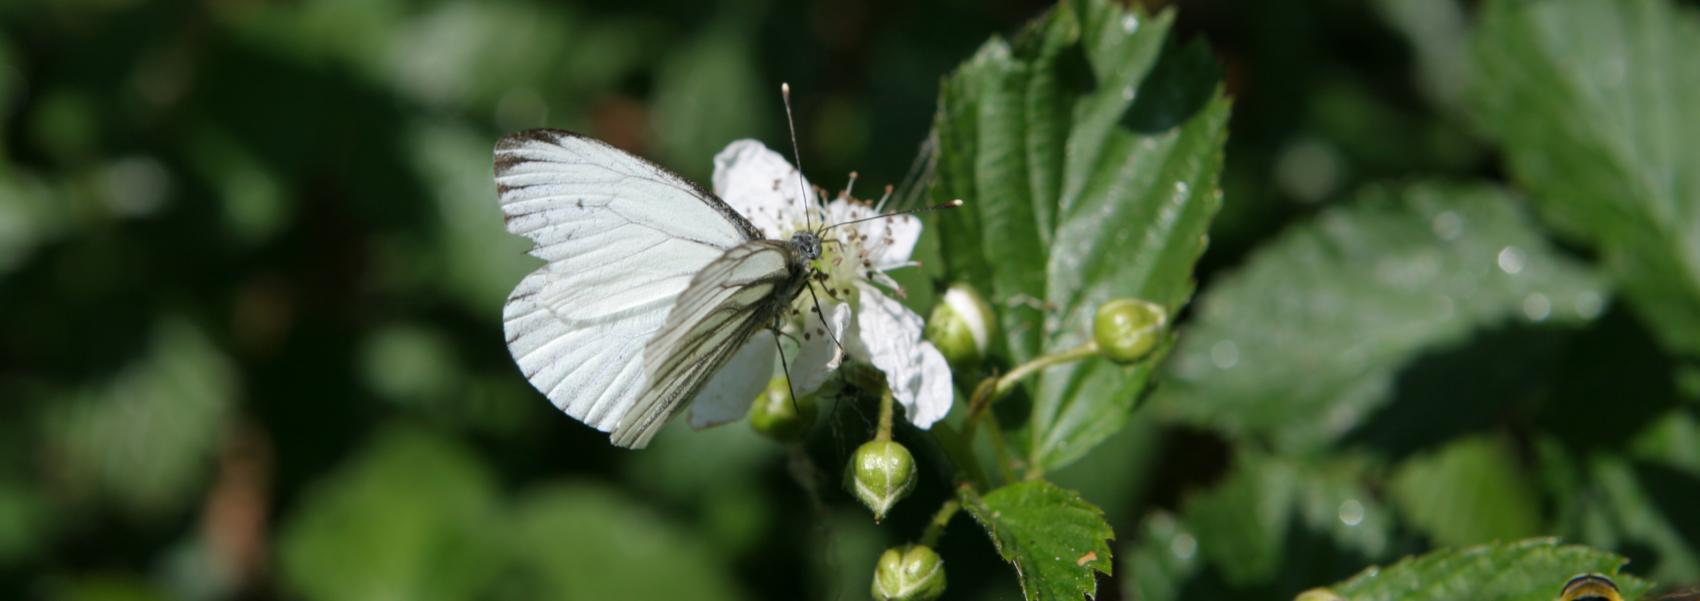 een vlinder en bij op een plant